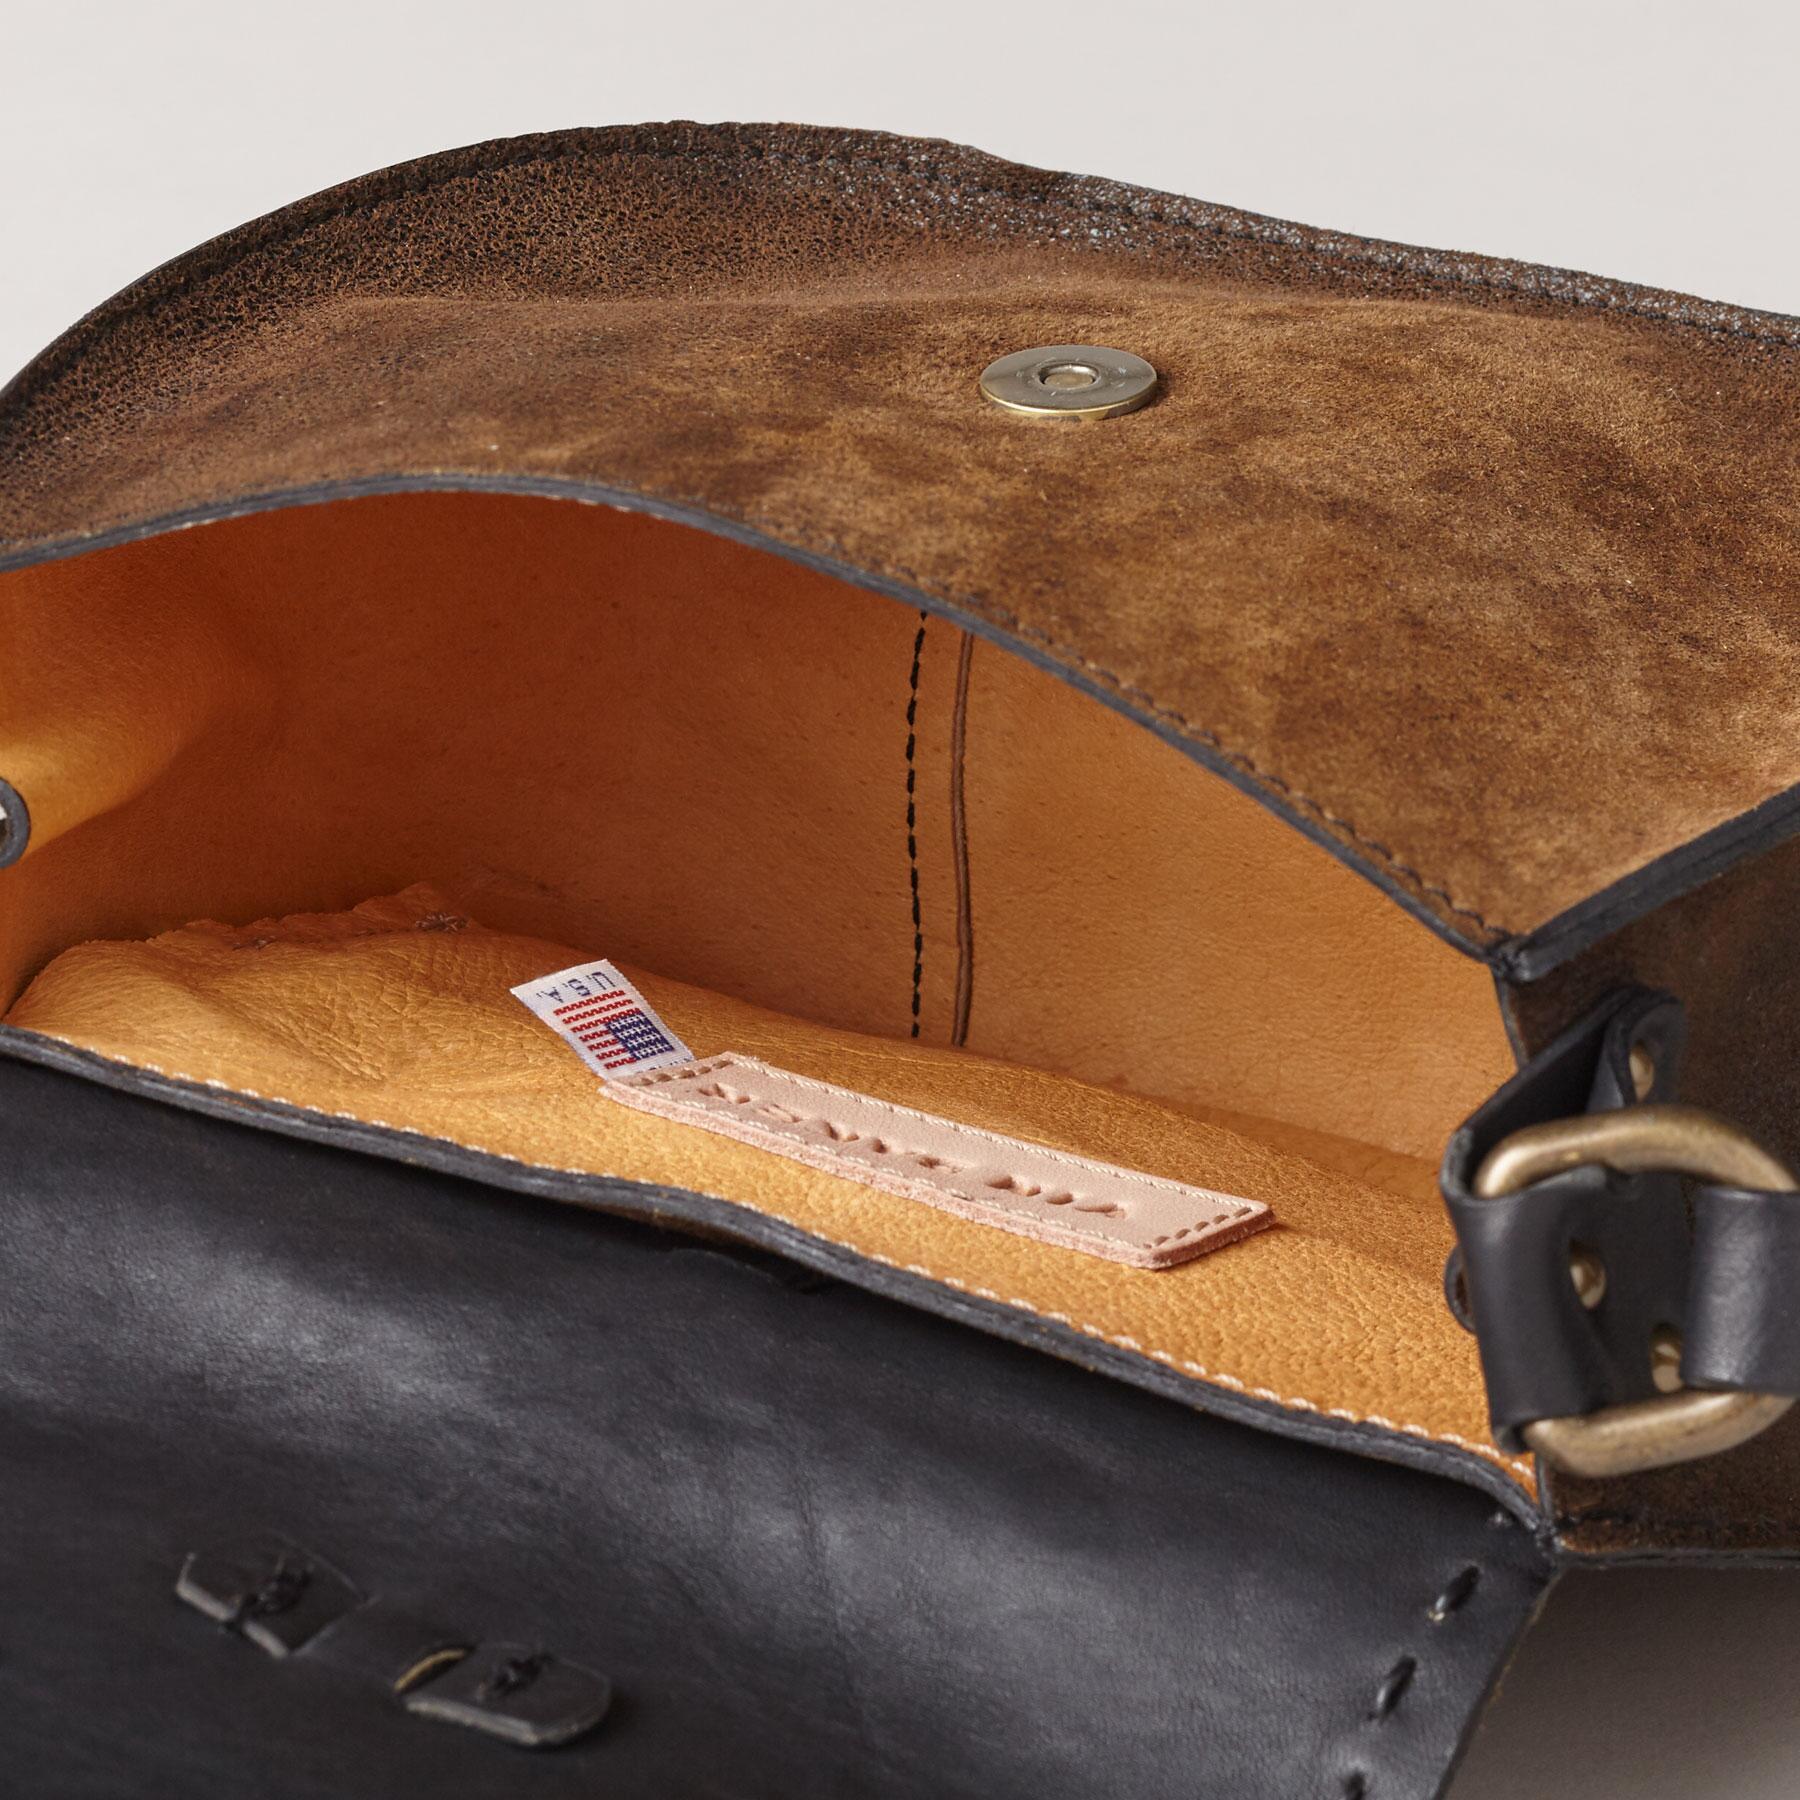 Petite Sling Bag: View 3